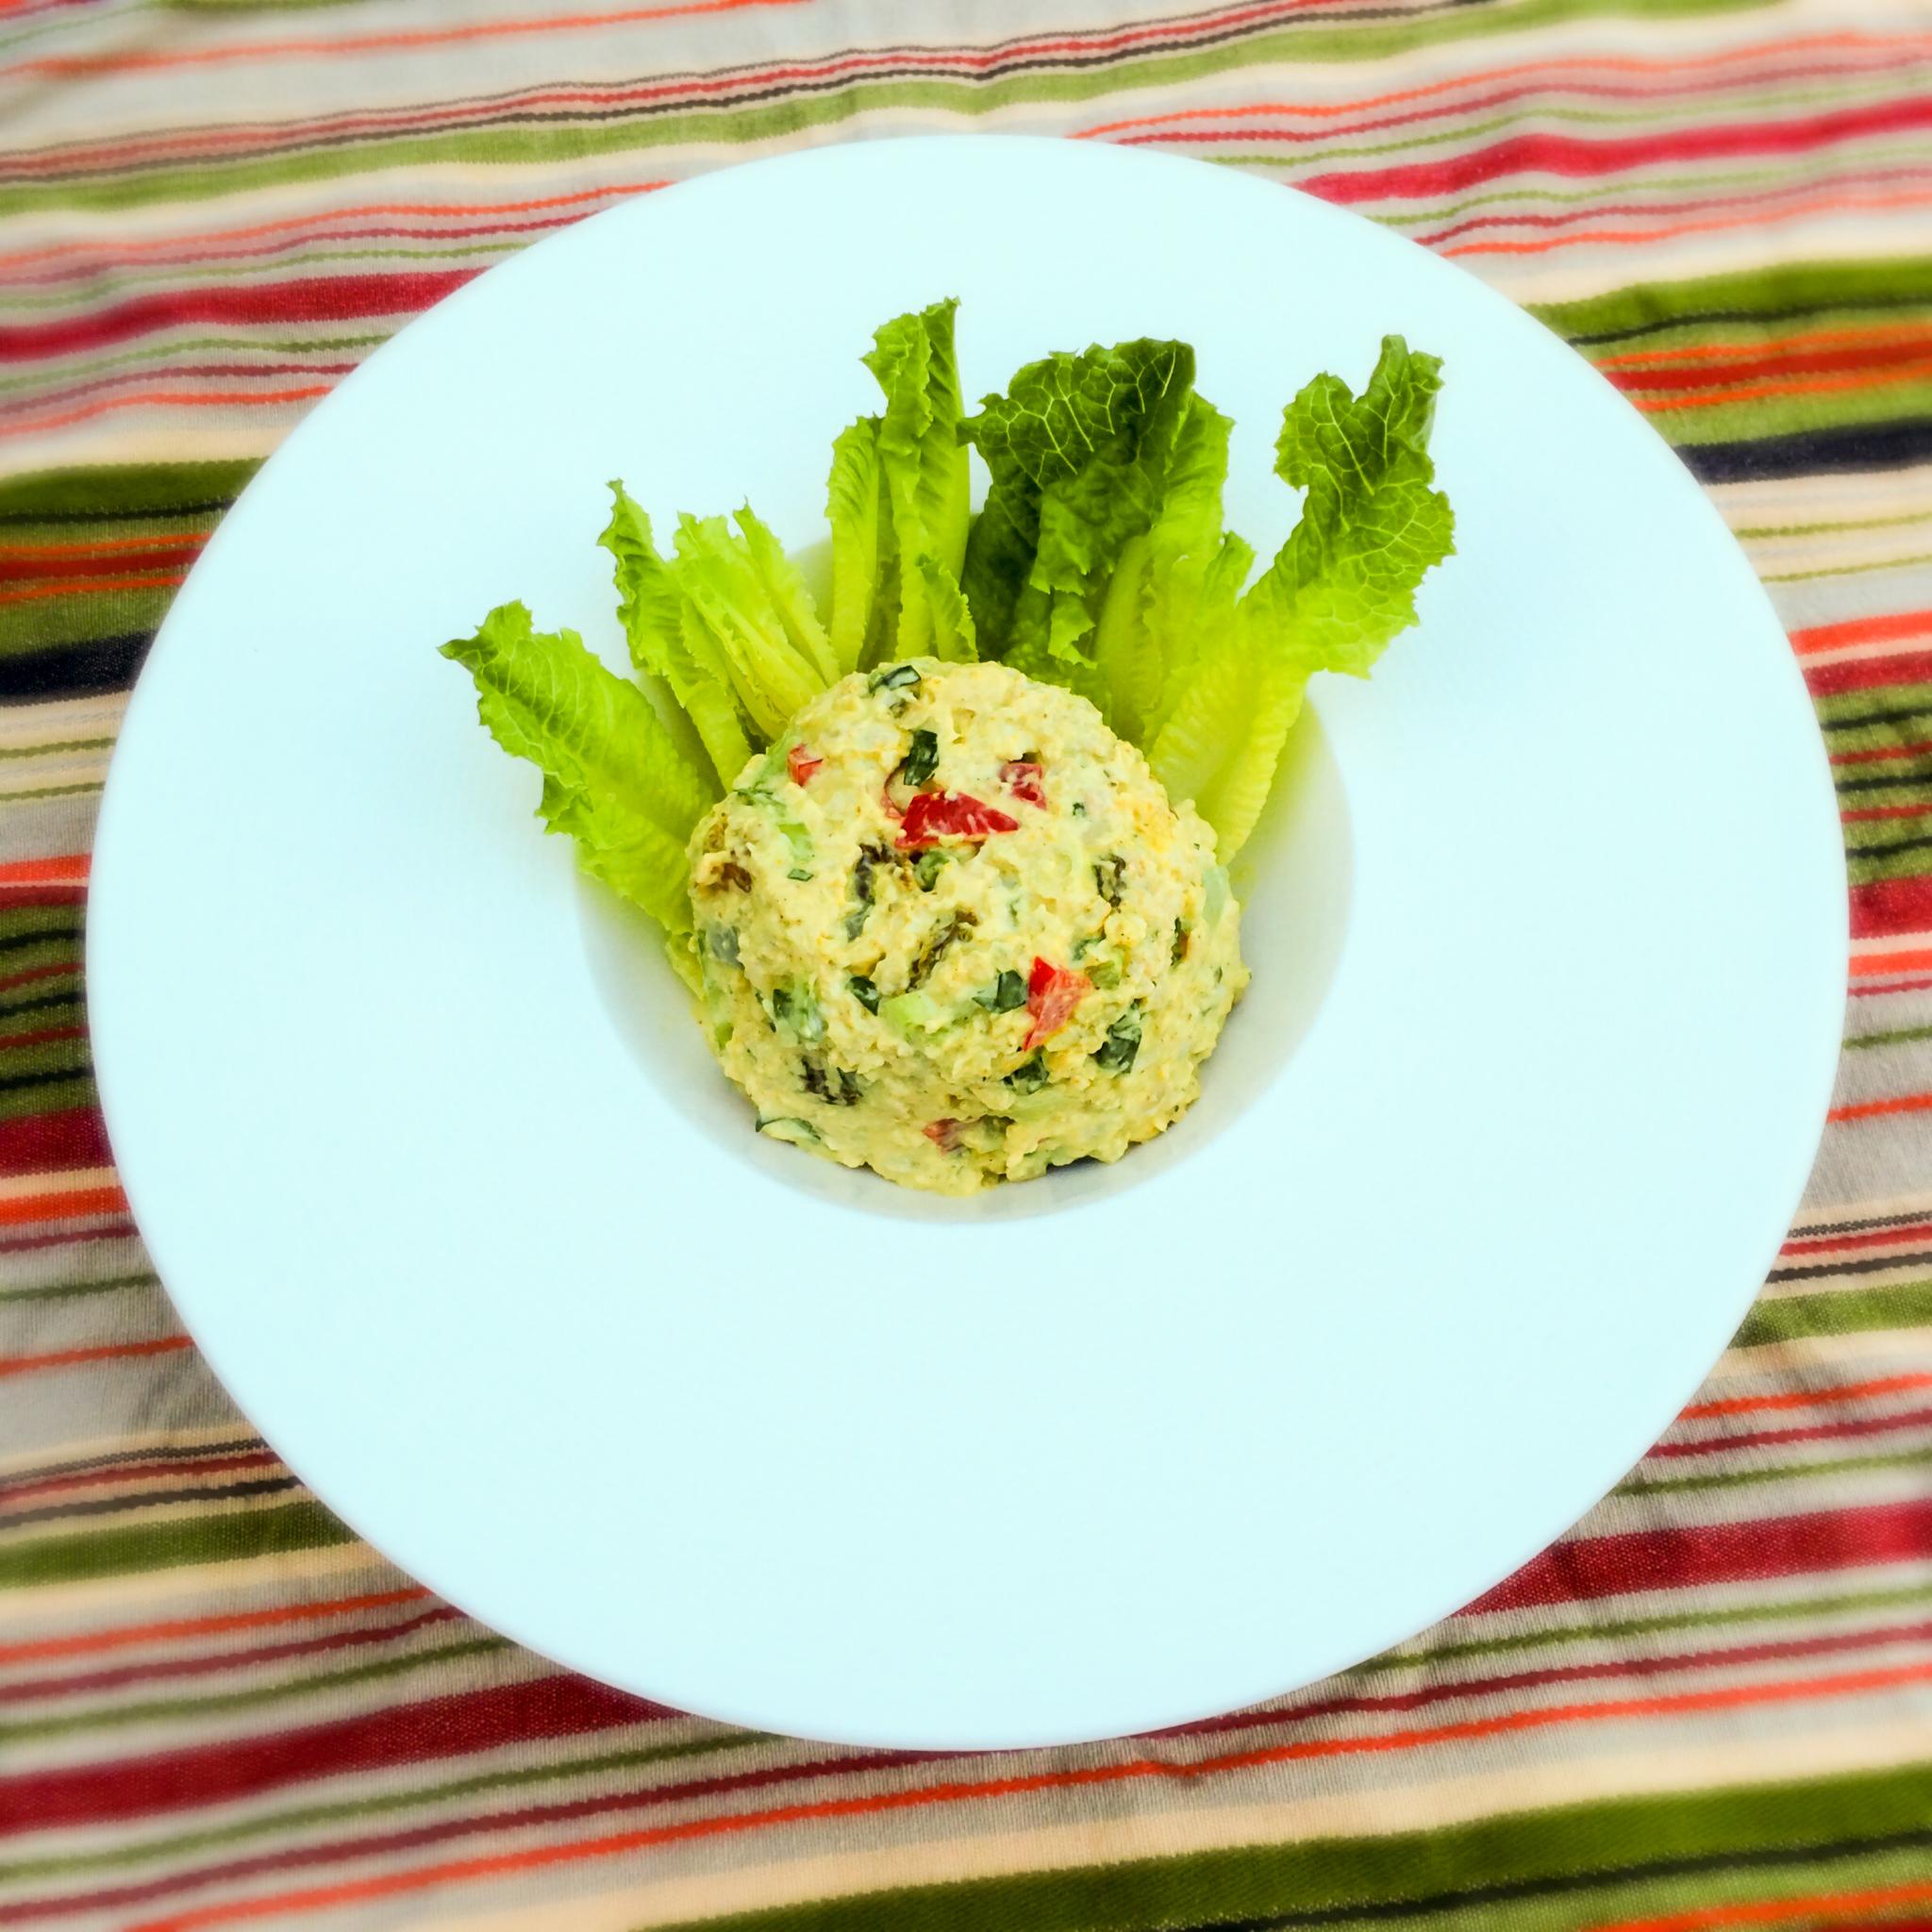 stedda chicken salad.jpg